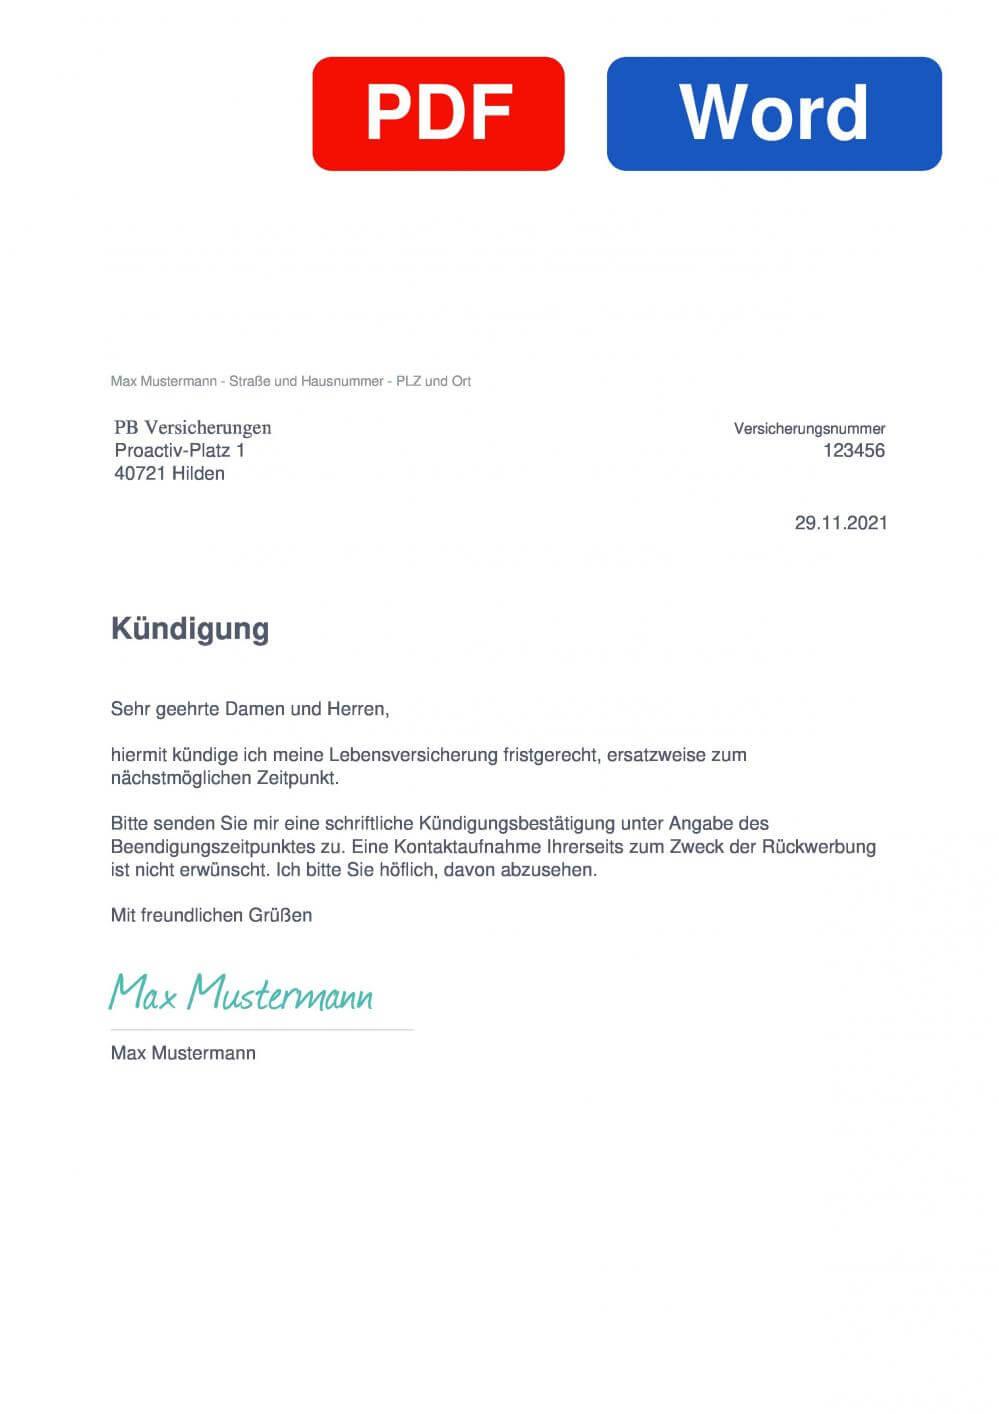 Postbank Lebensversicherung Muster Vorlage für Kündigungsschreiben